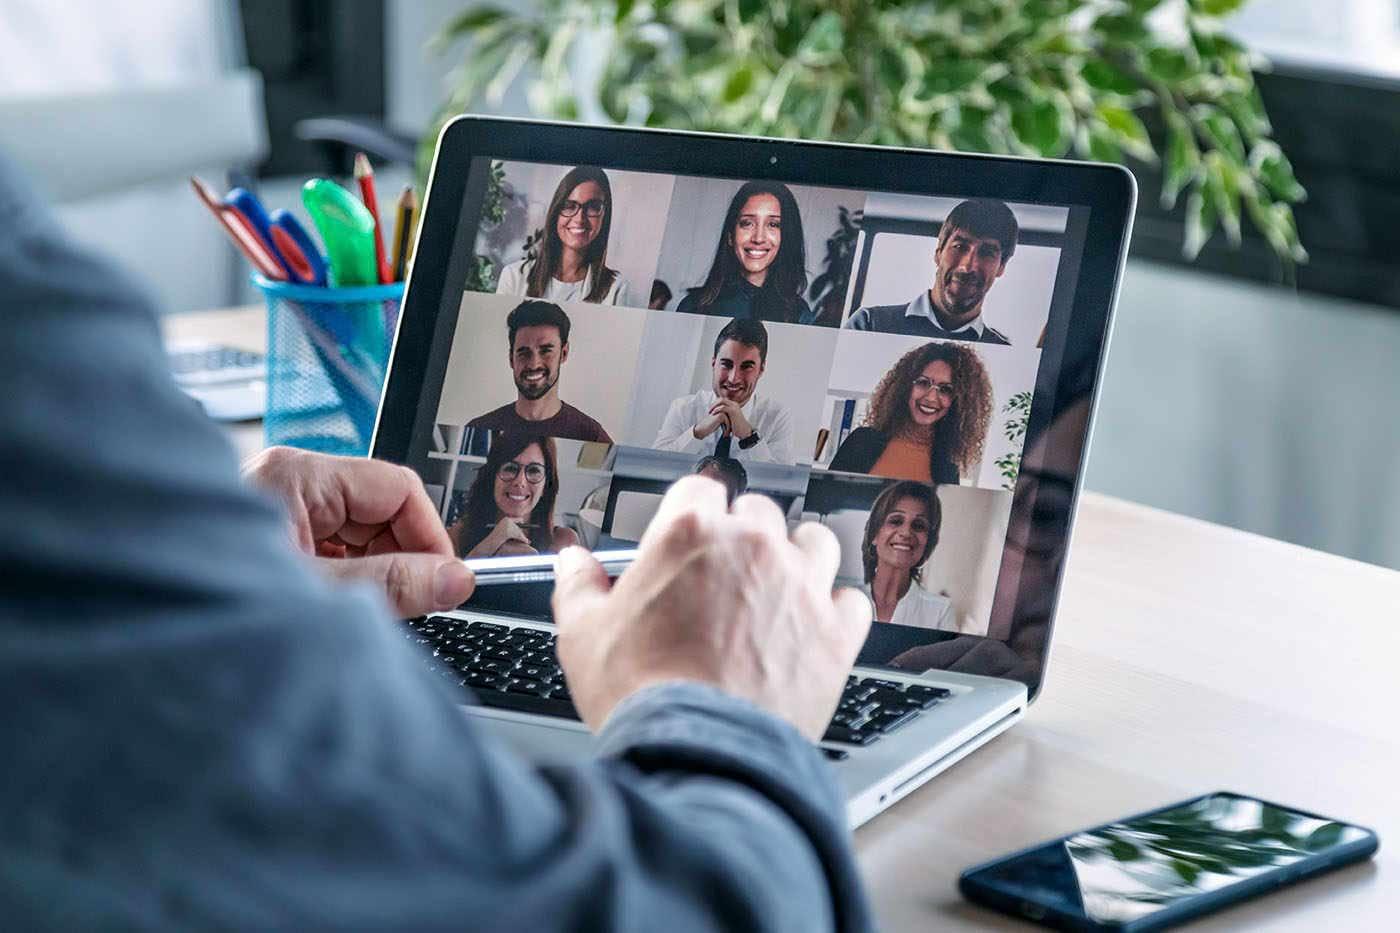 Loc de muncă de acasă: cum îmbunătățești colaborarea cu colegii?